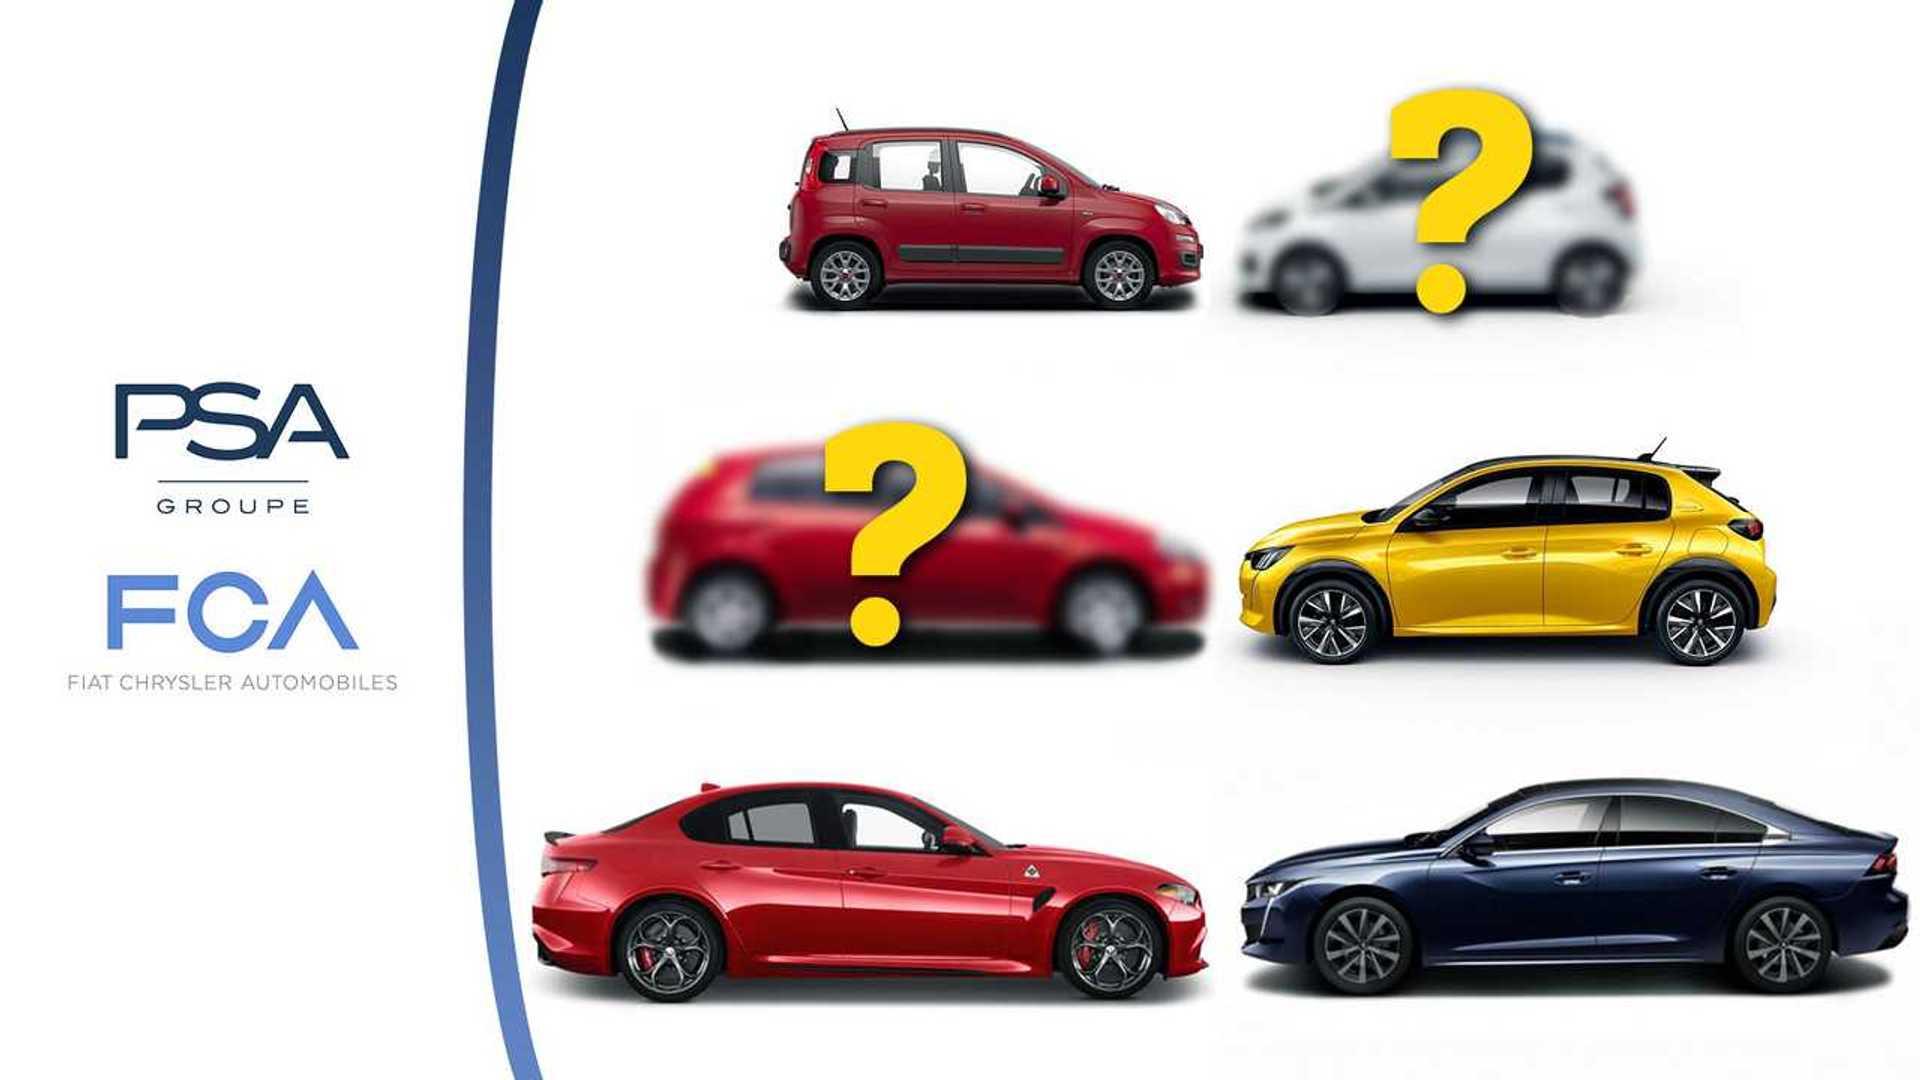 Fusión PSA/FCA: coches que podrían nacer de la unión - Yahoo Finanzas España